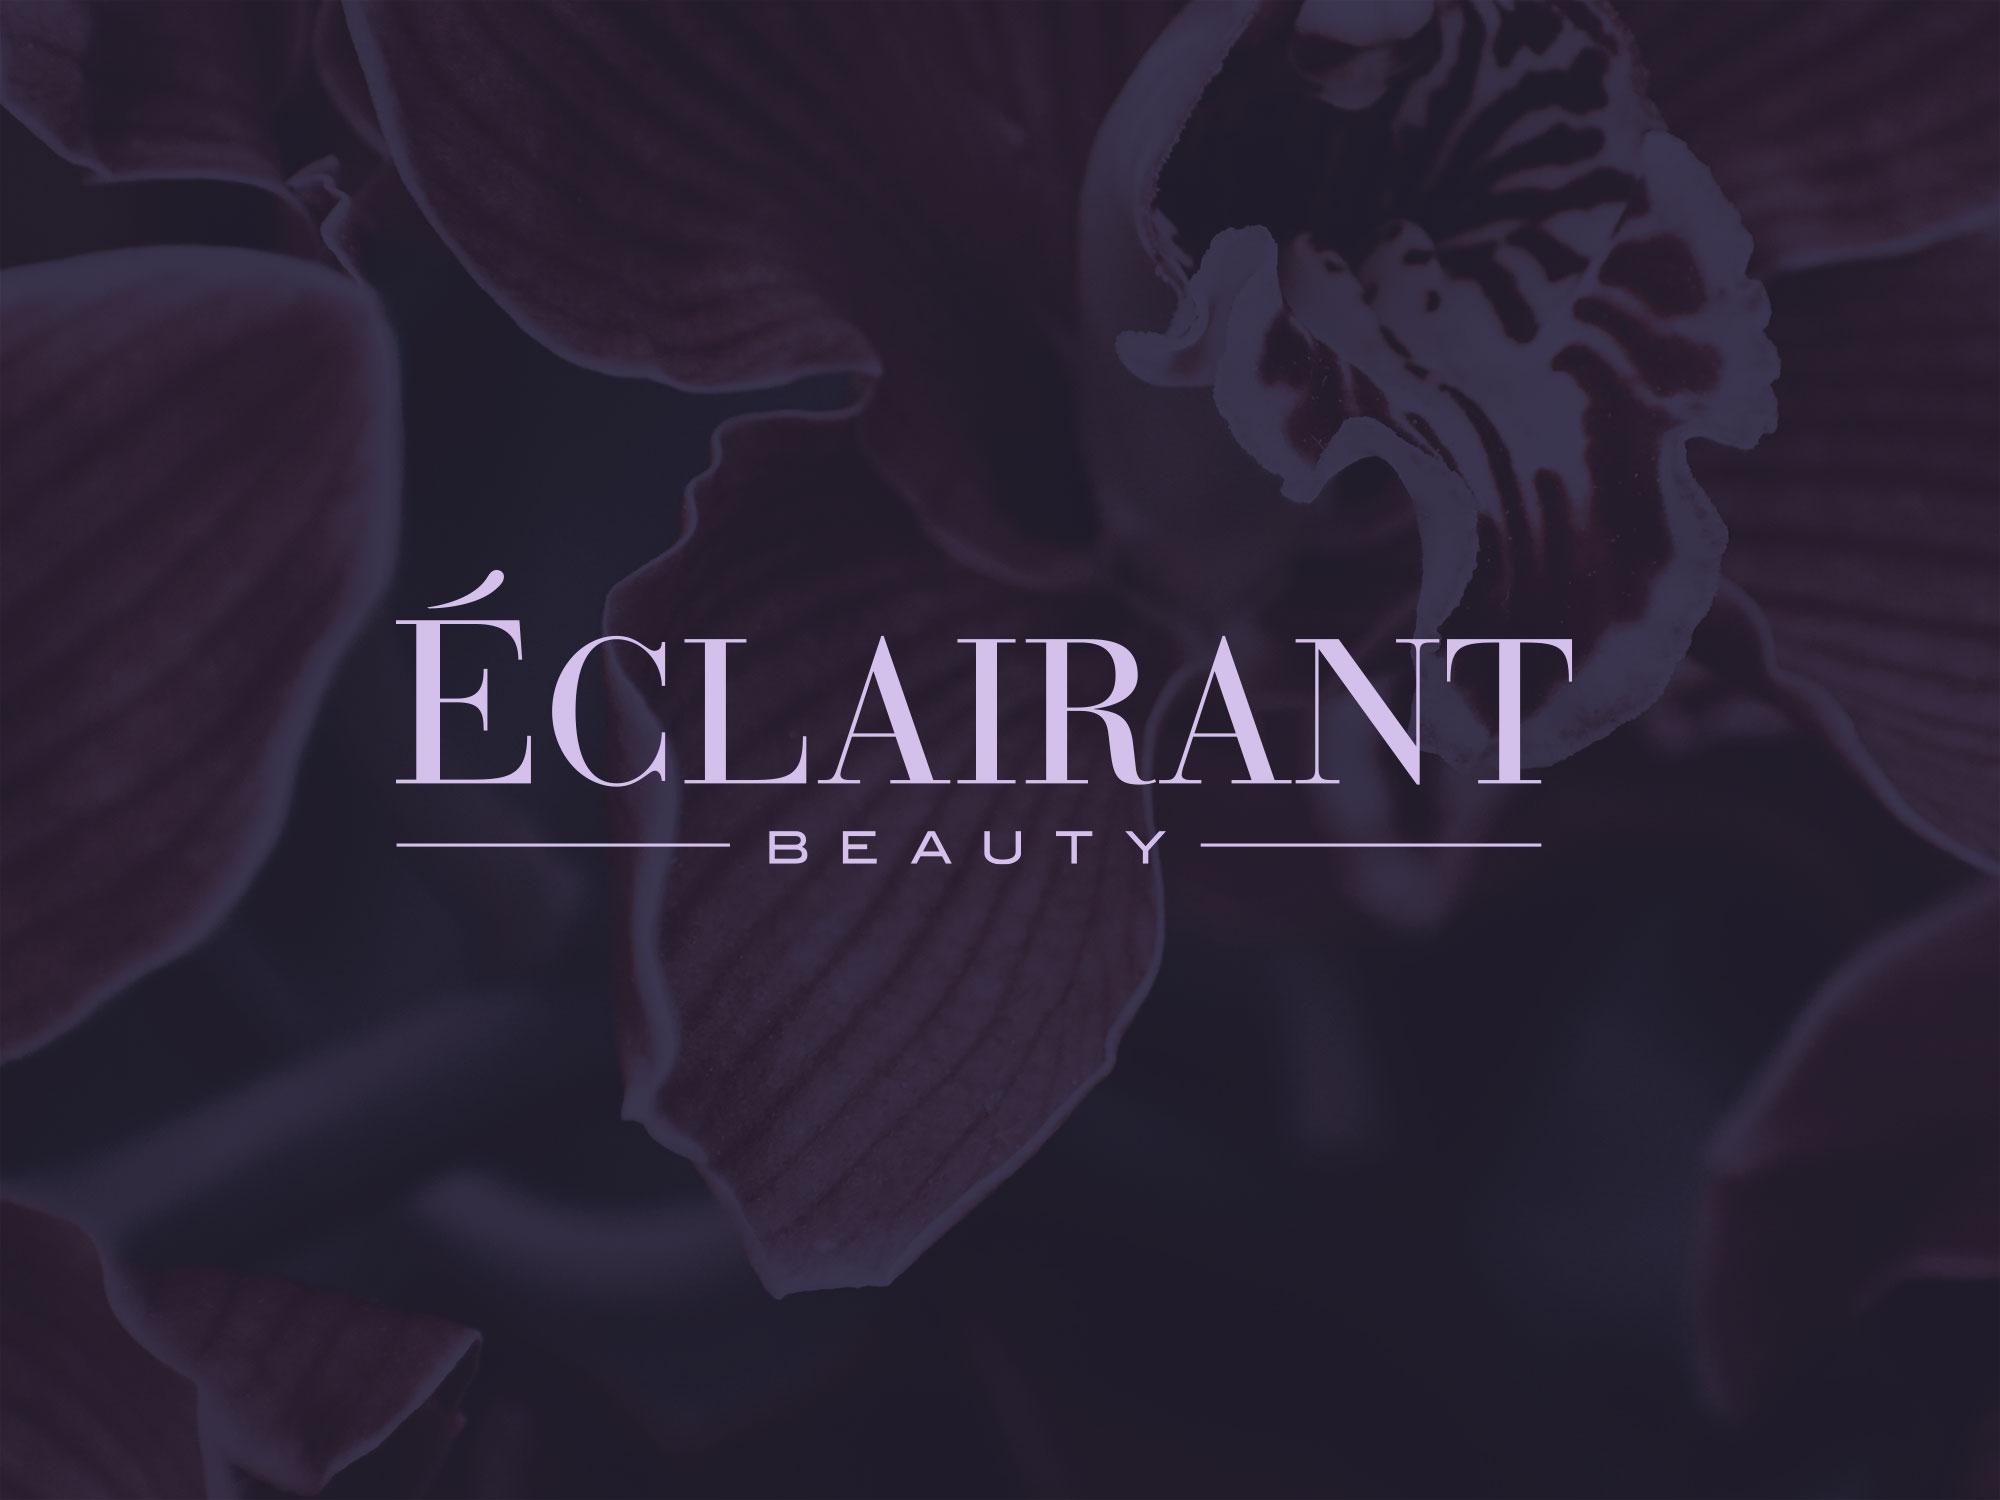 eclairant-logo3